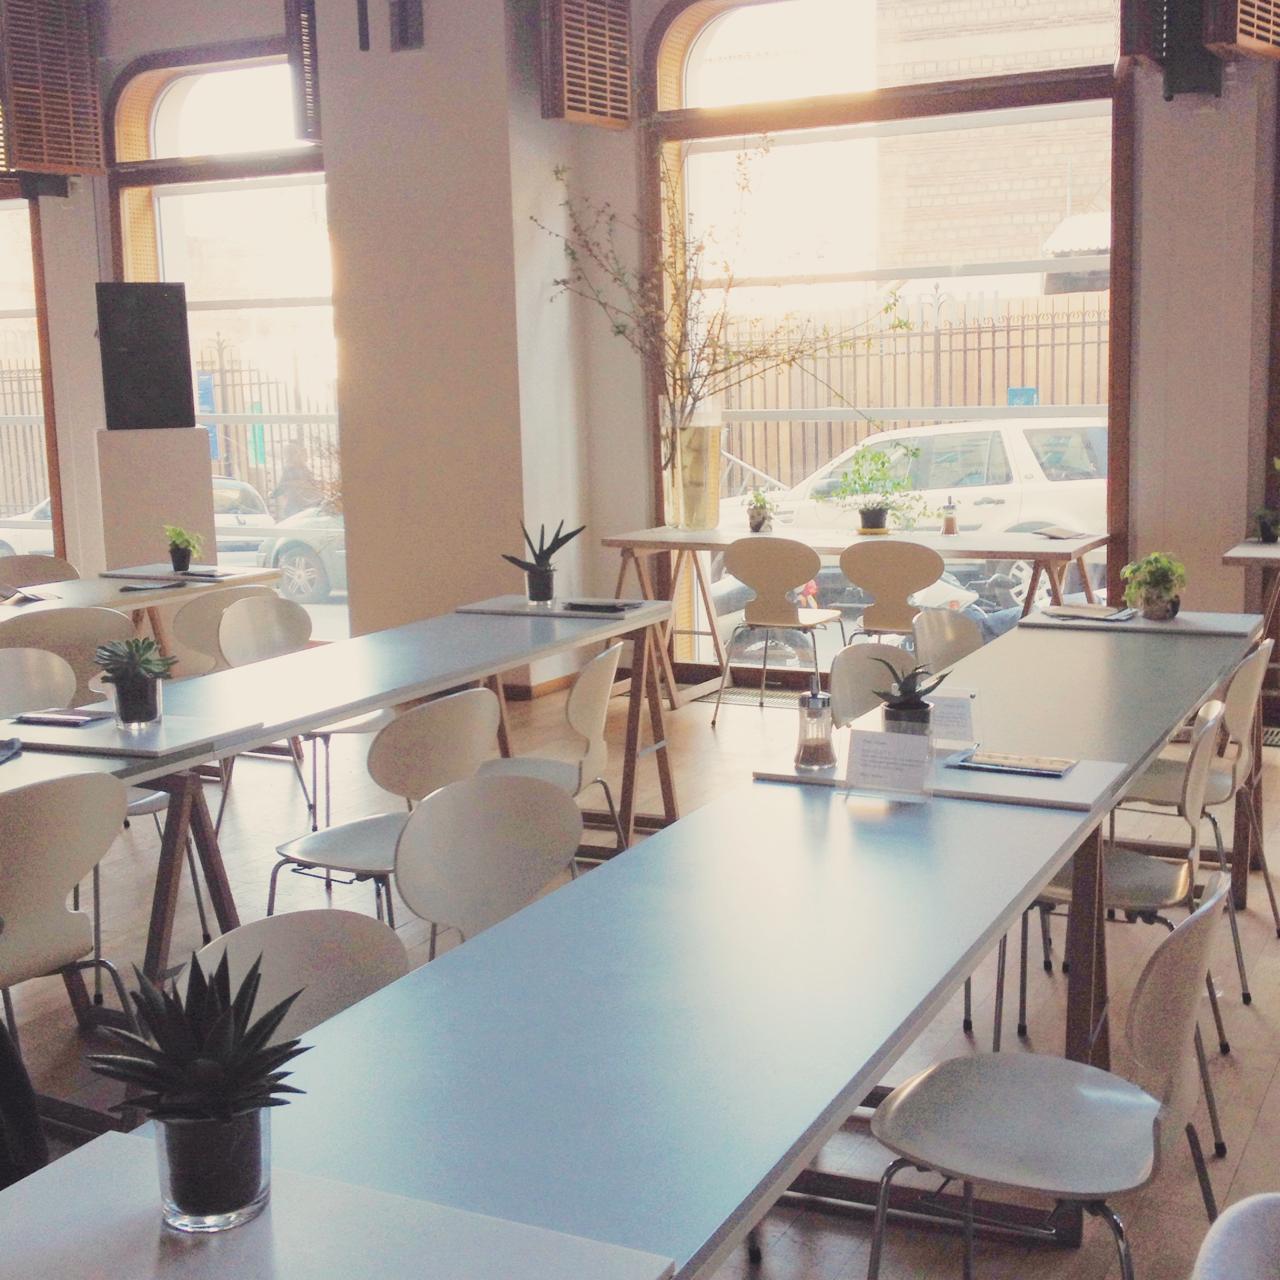 coup de coeur l instituutti un caf finlandais paris so many paris. Black Bedroom Furniture Sets. Home Design Ideas